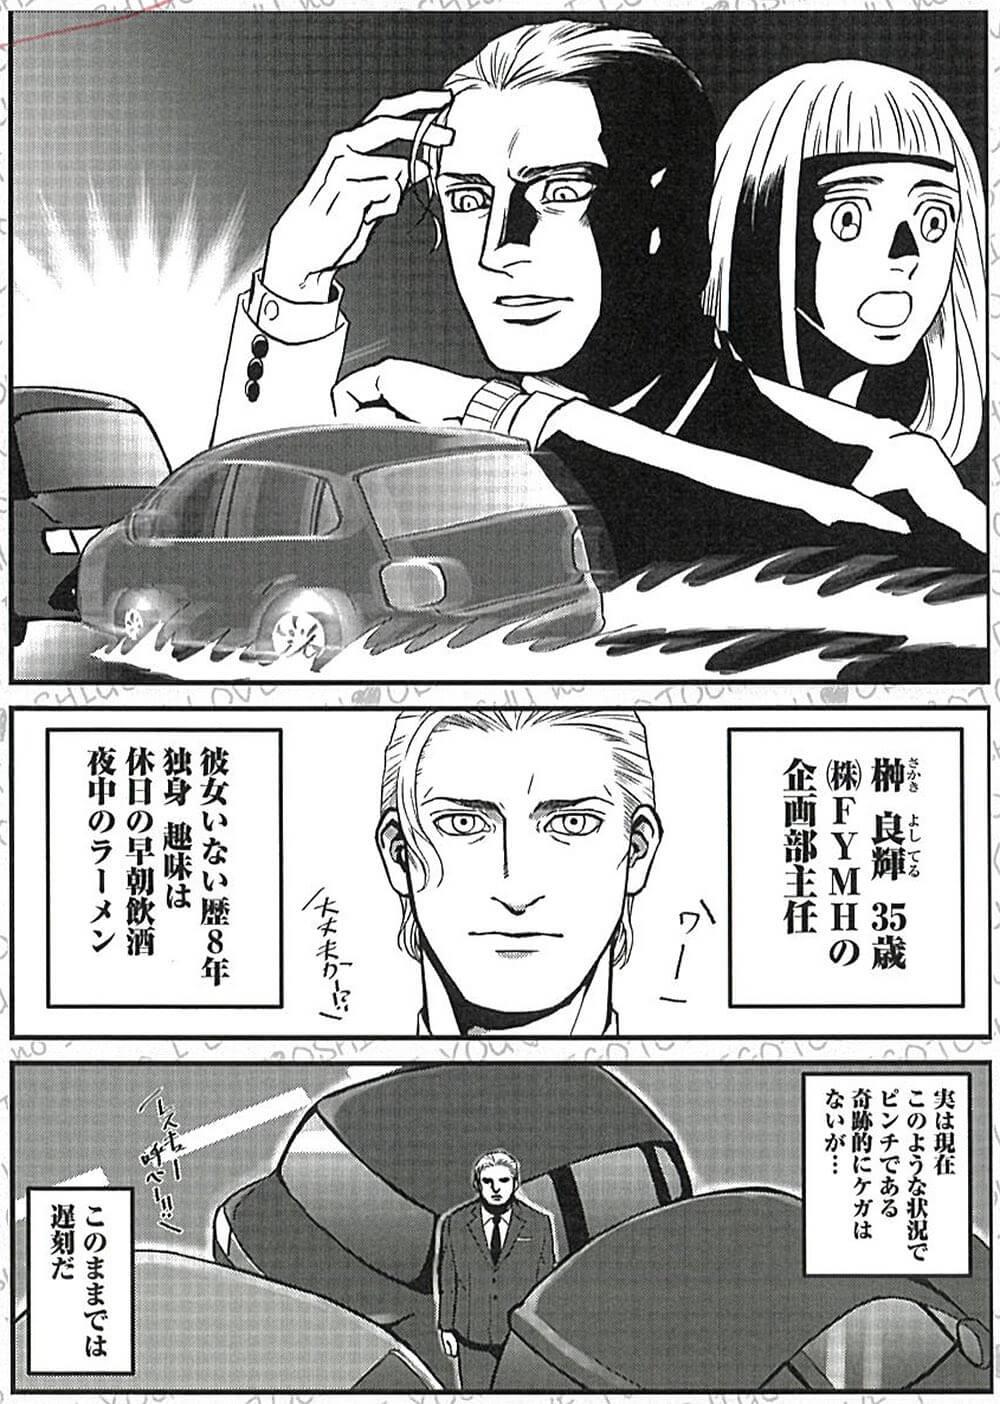 上司が新入社員に恋する漫画1-1